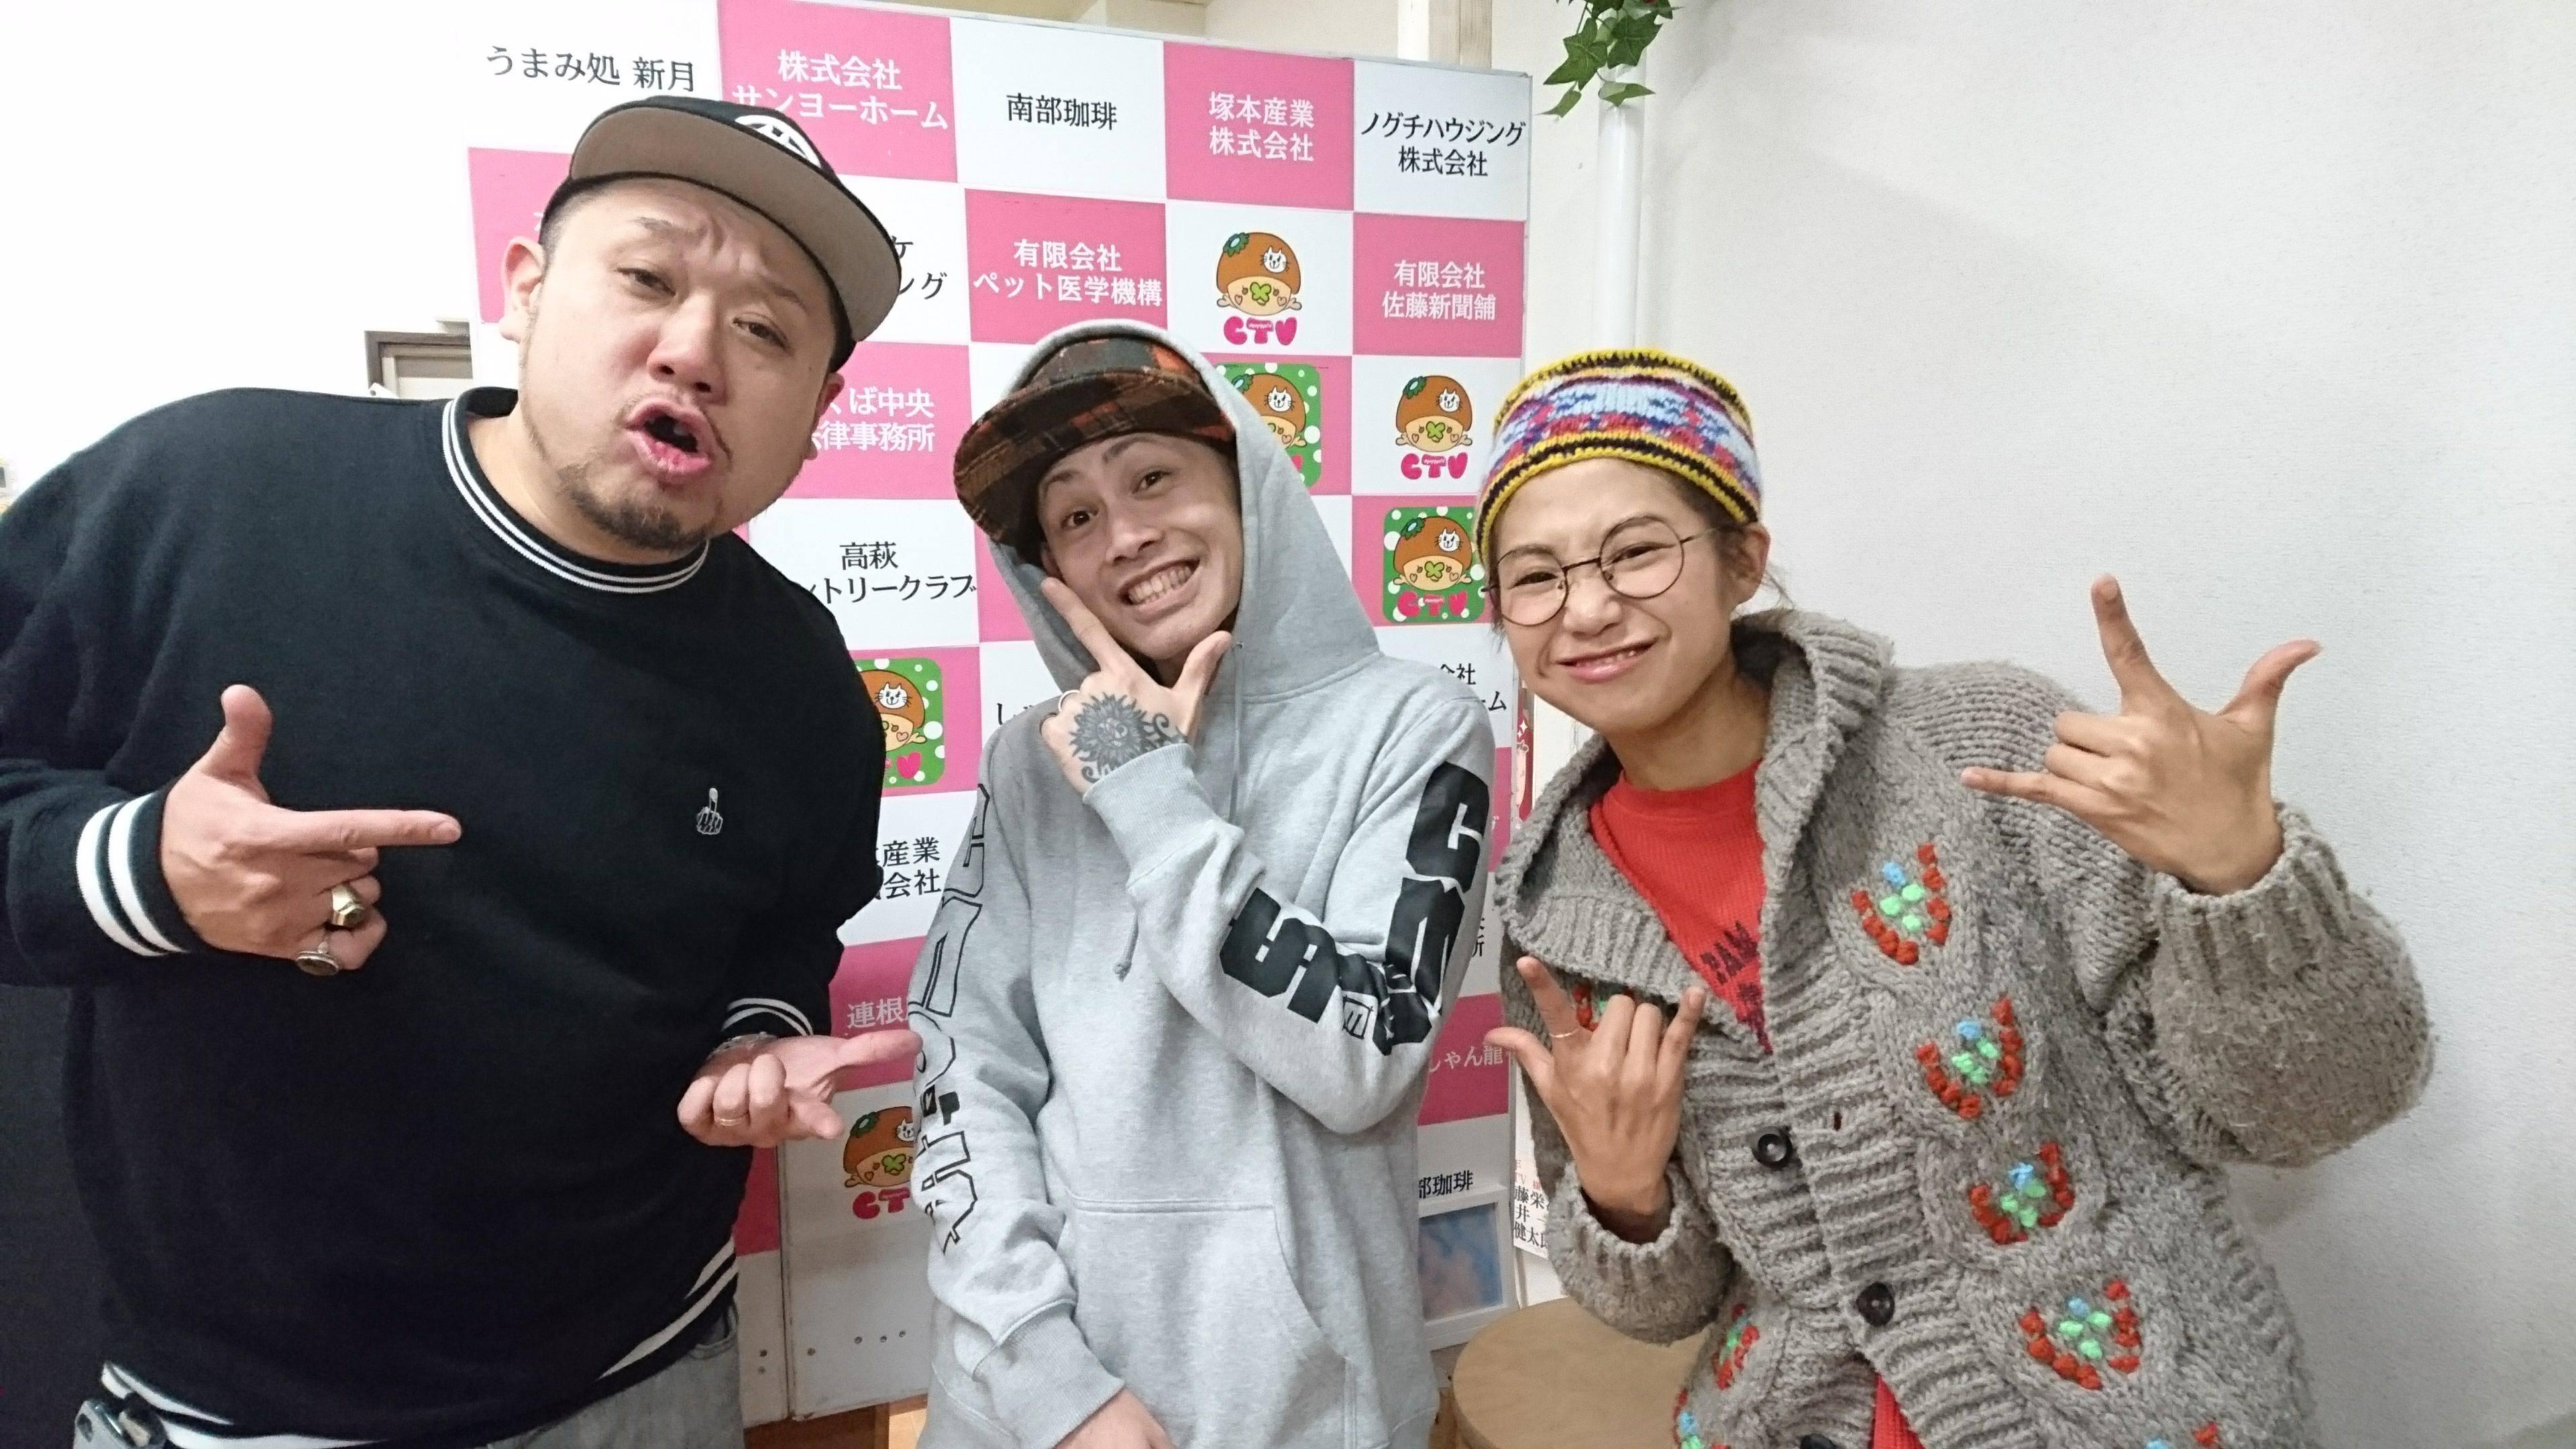 [2017/12/8]♡夕暮れモーモー #166♡ゲスト チャンティさん